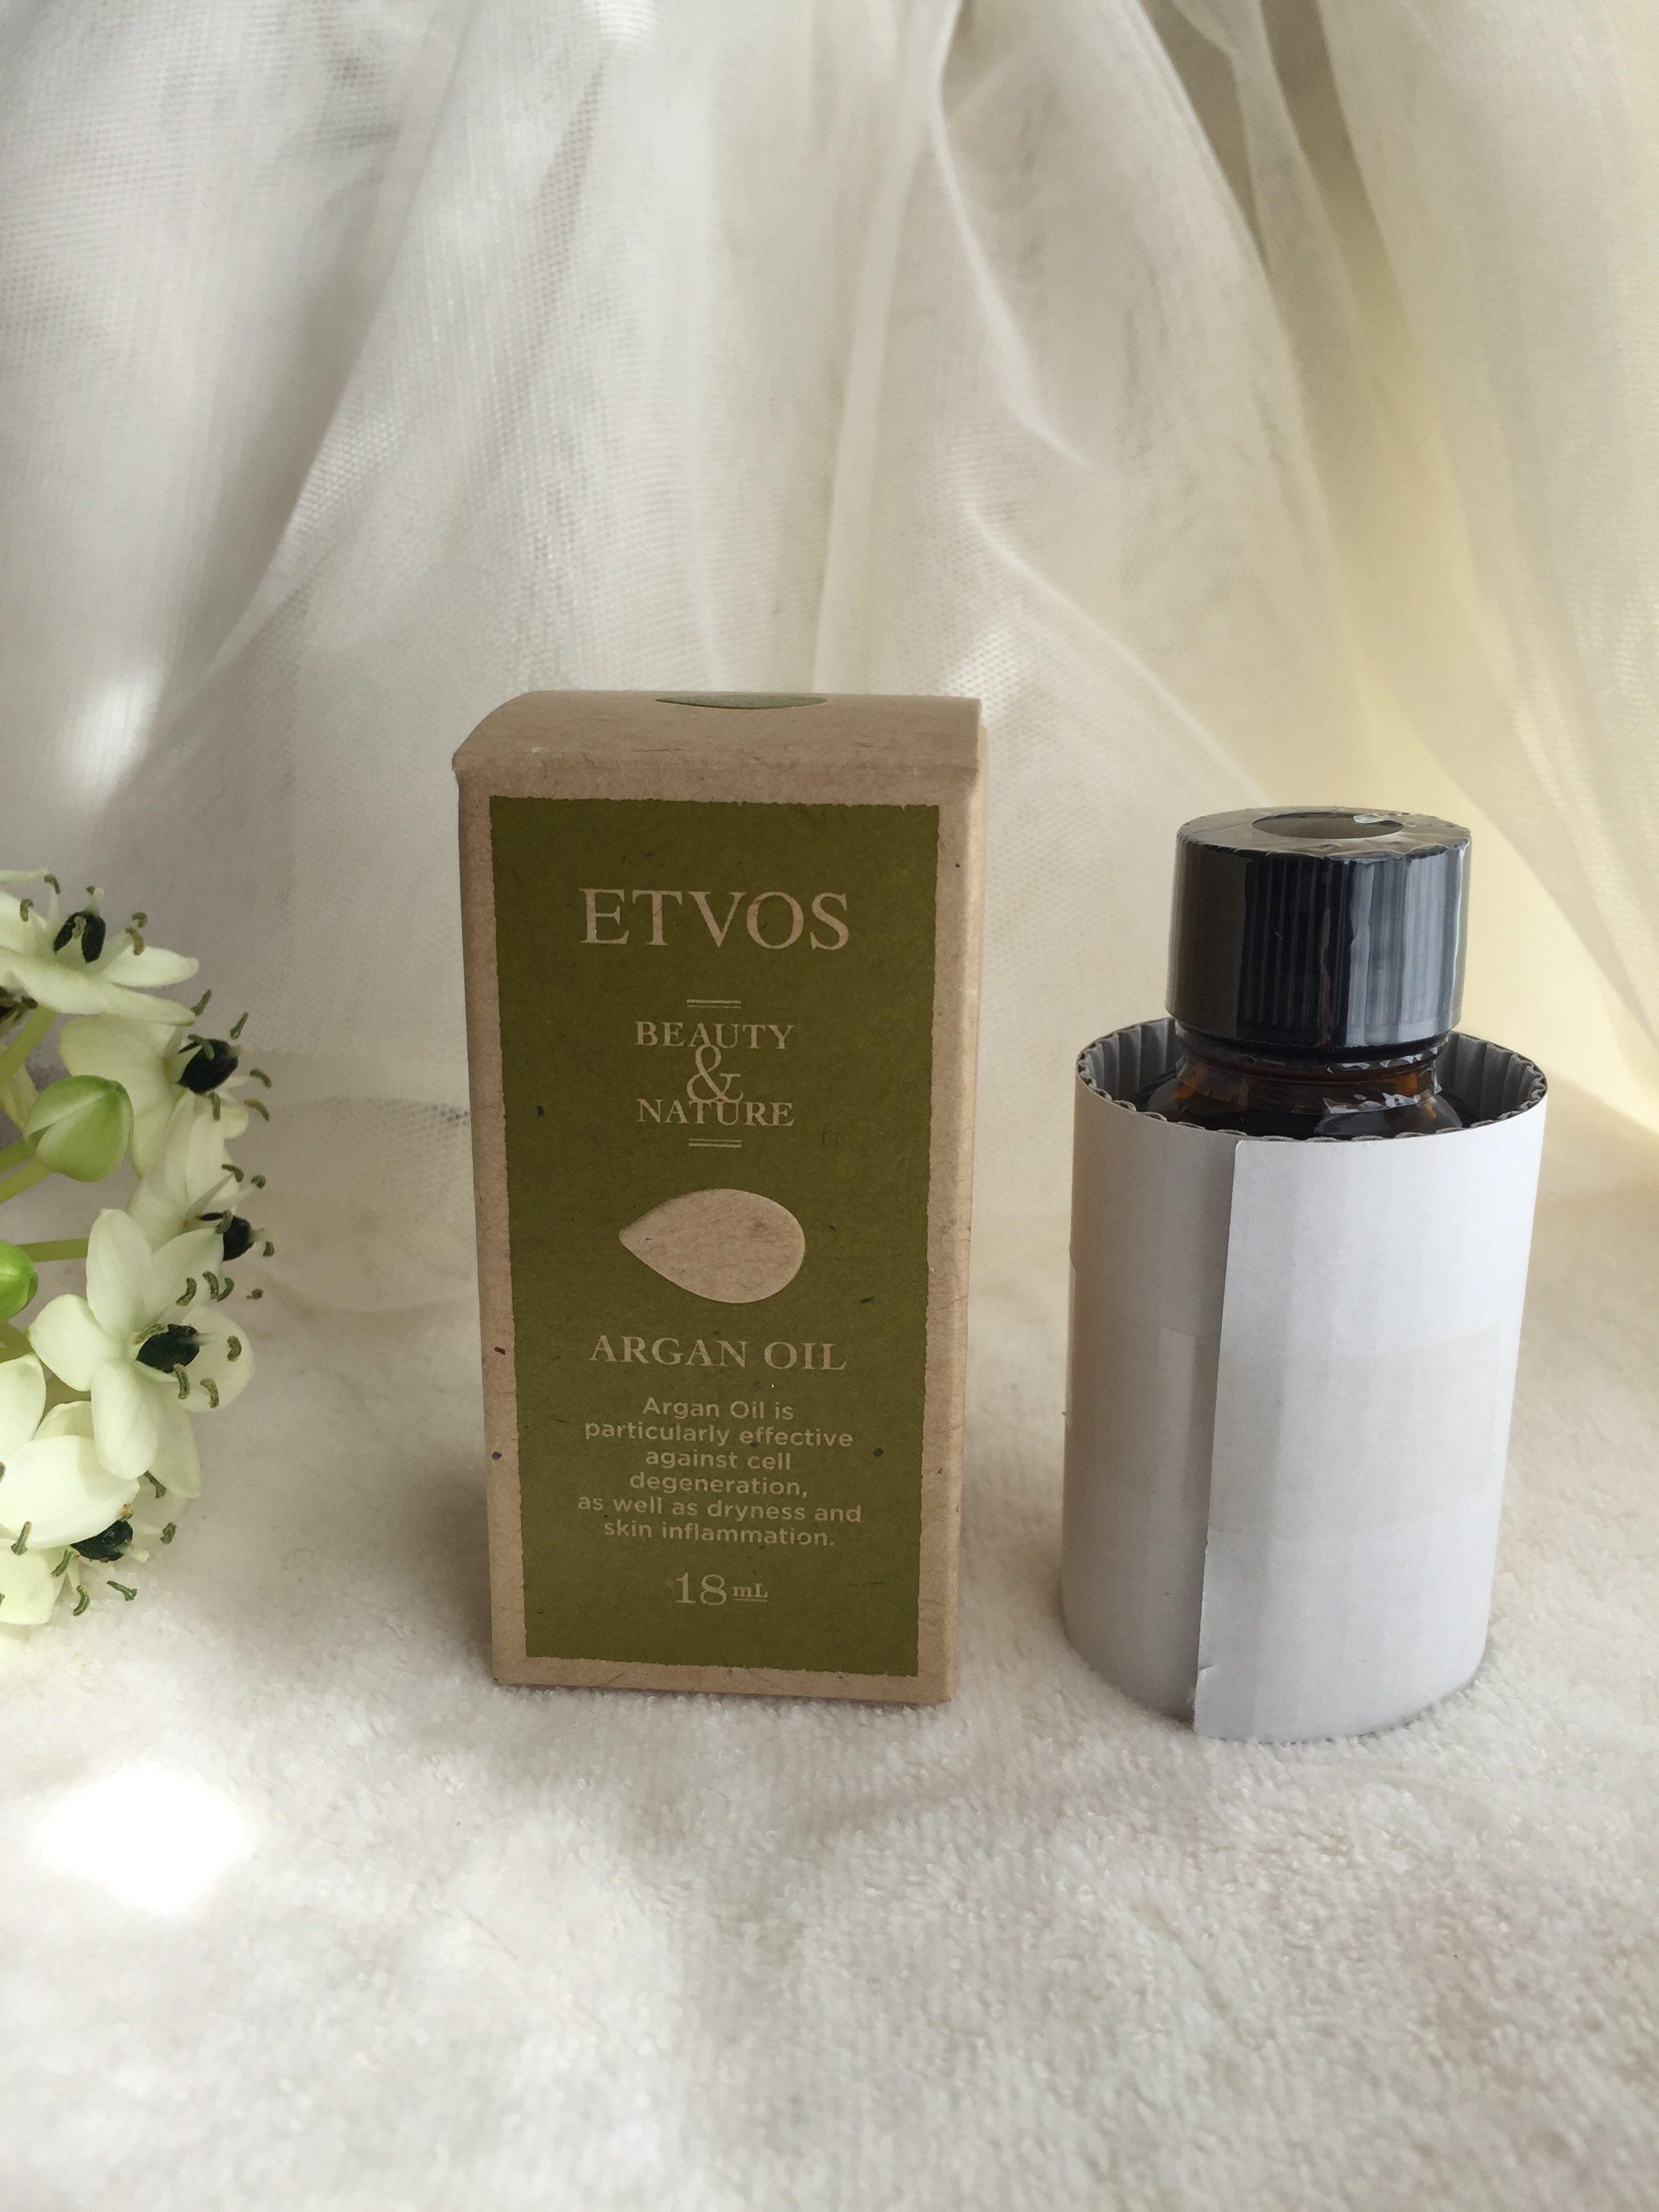 ETVOS(エトヴォス)アルガンオイル